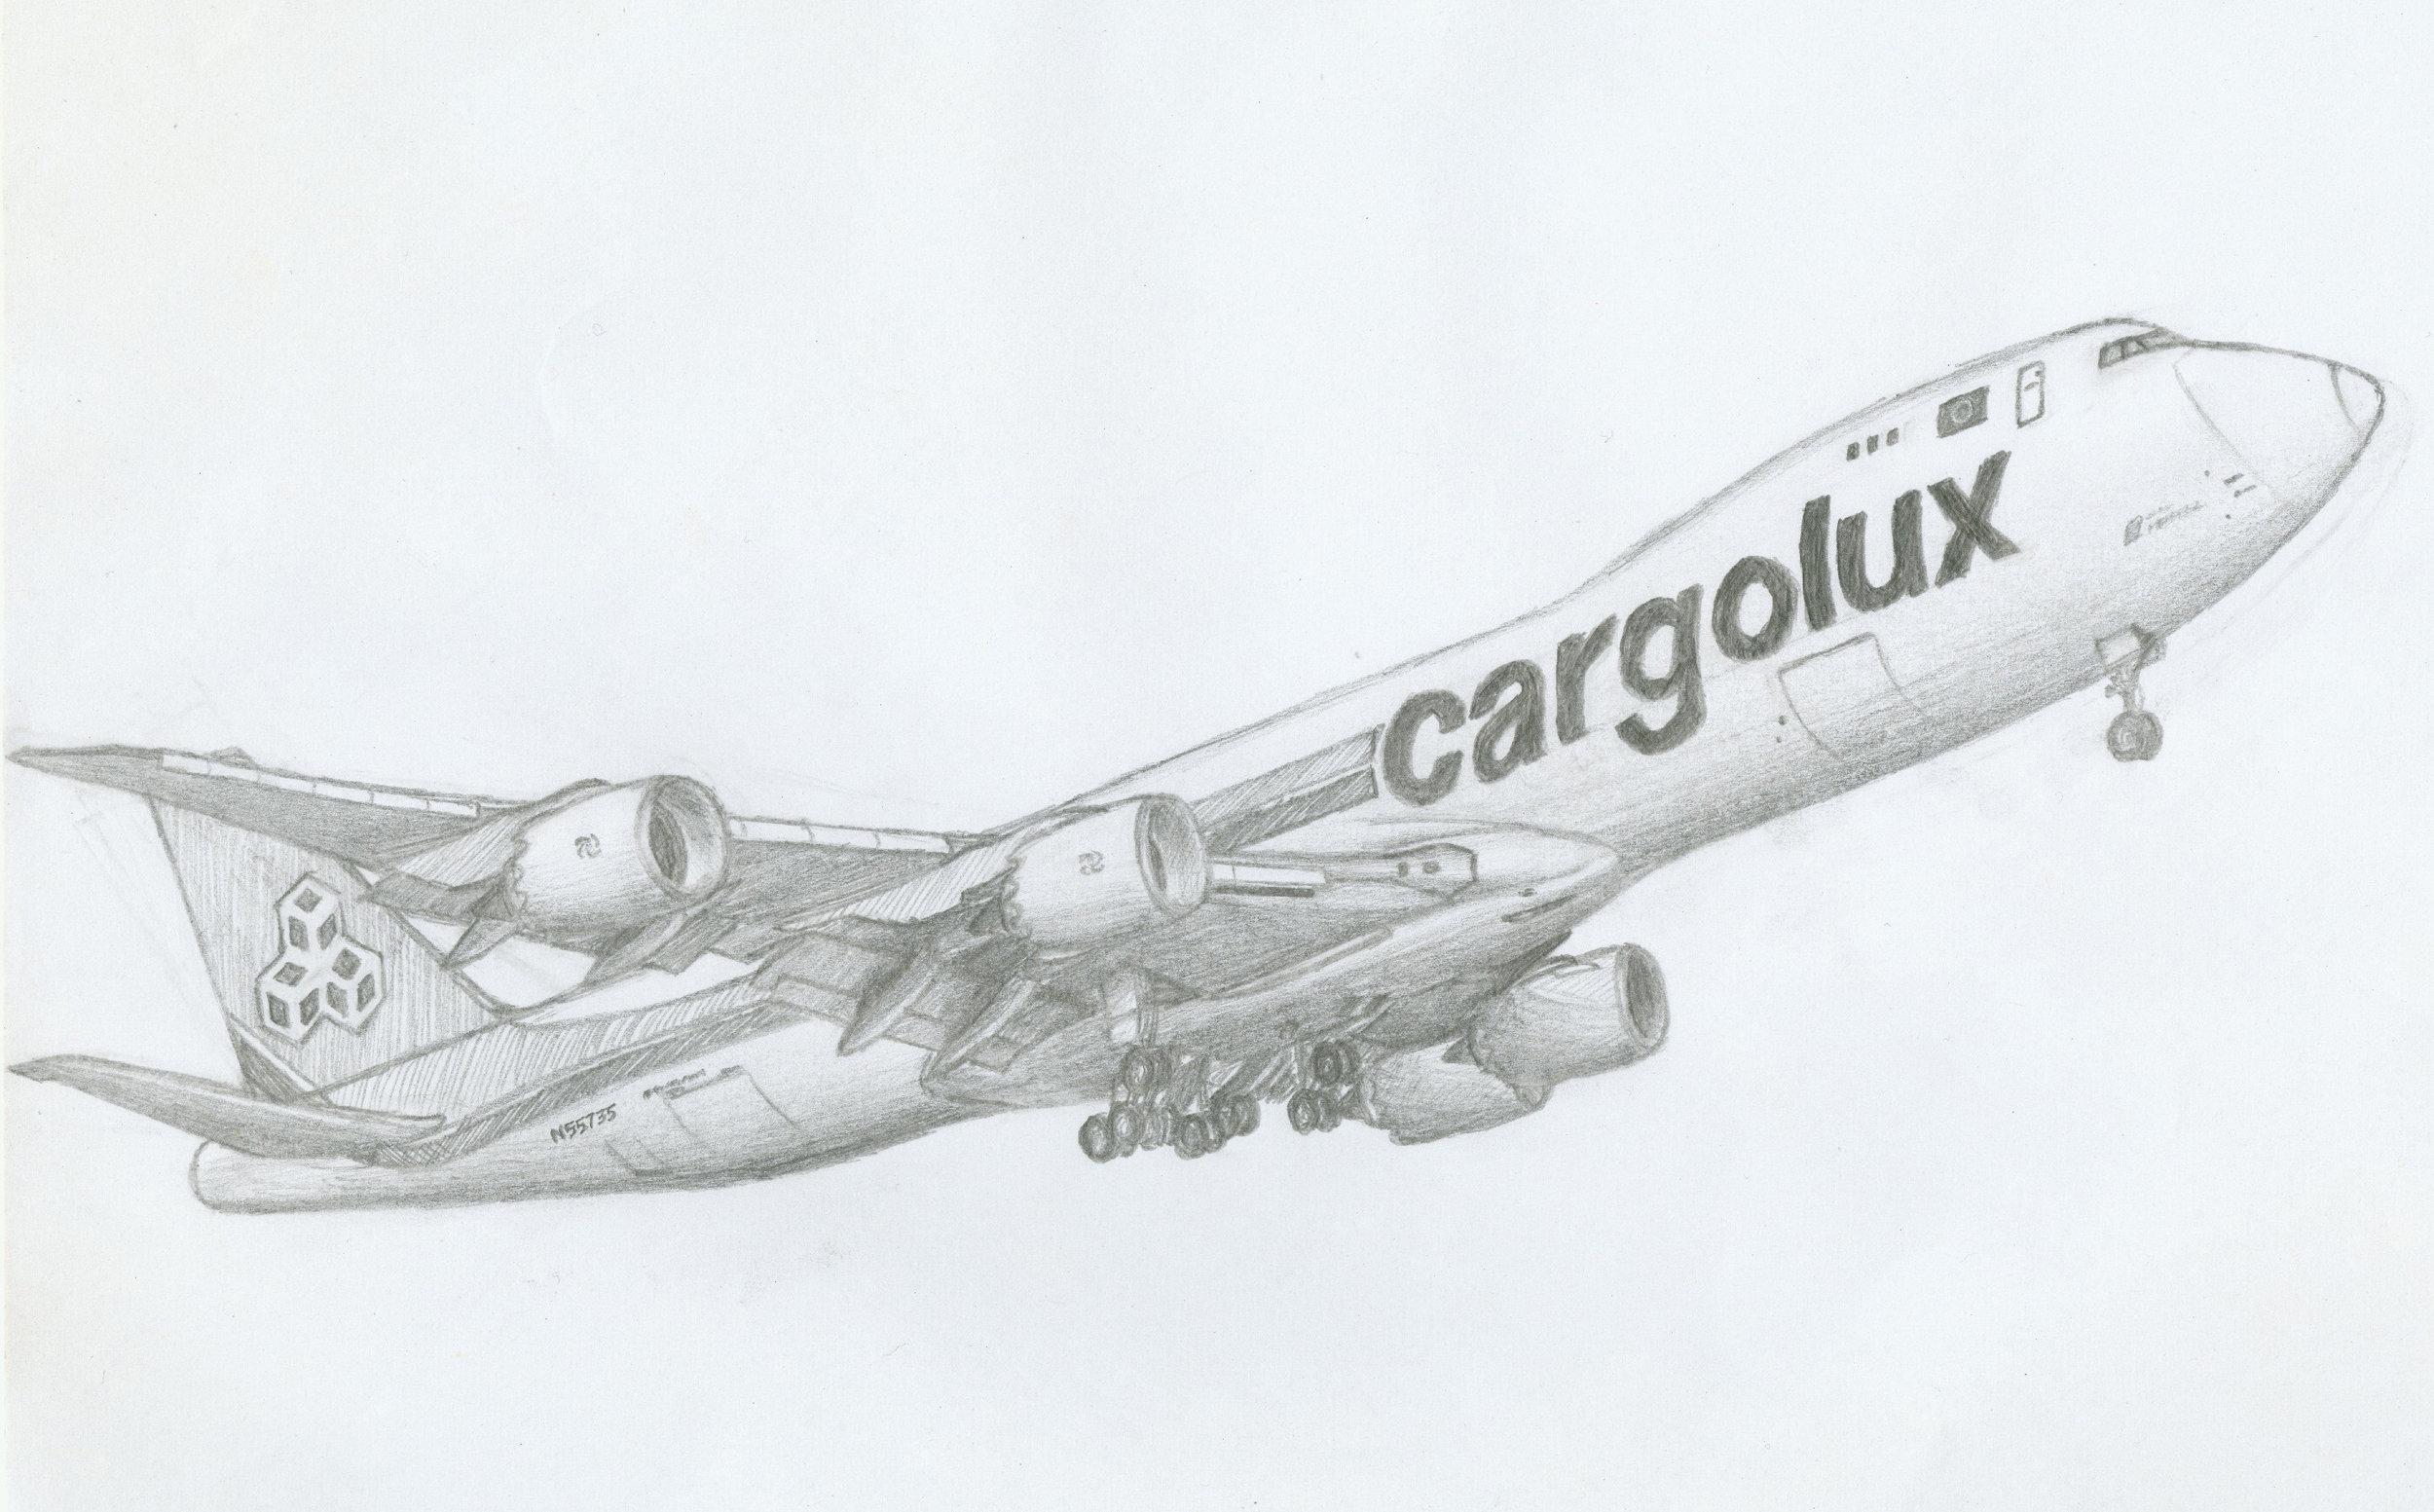 2011.04.28 - 001 - Cargolux 747-8F.pdf0000.jpg